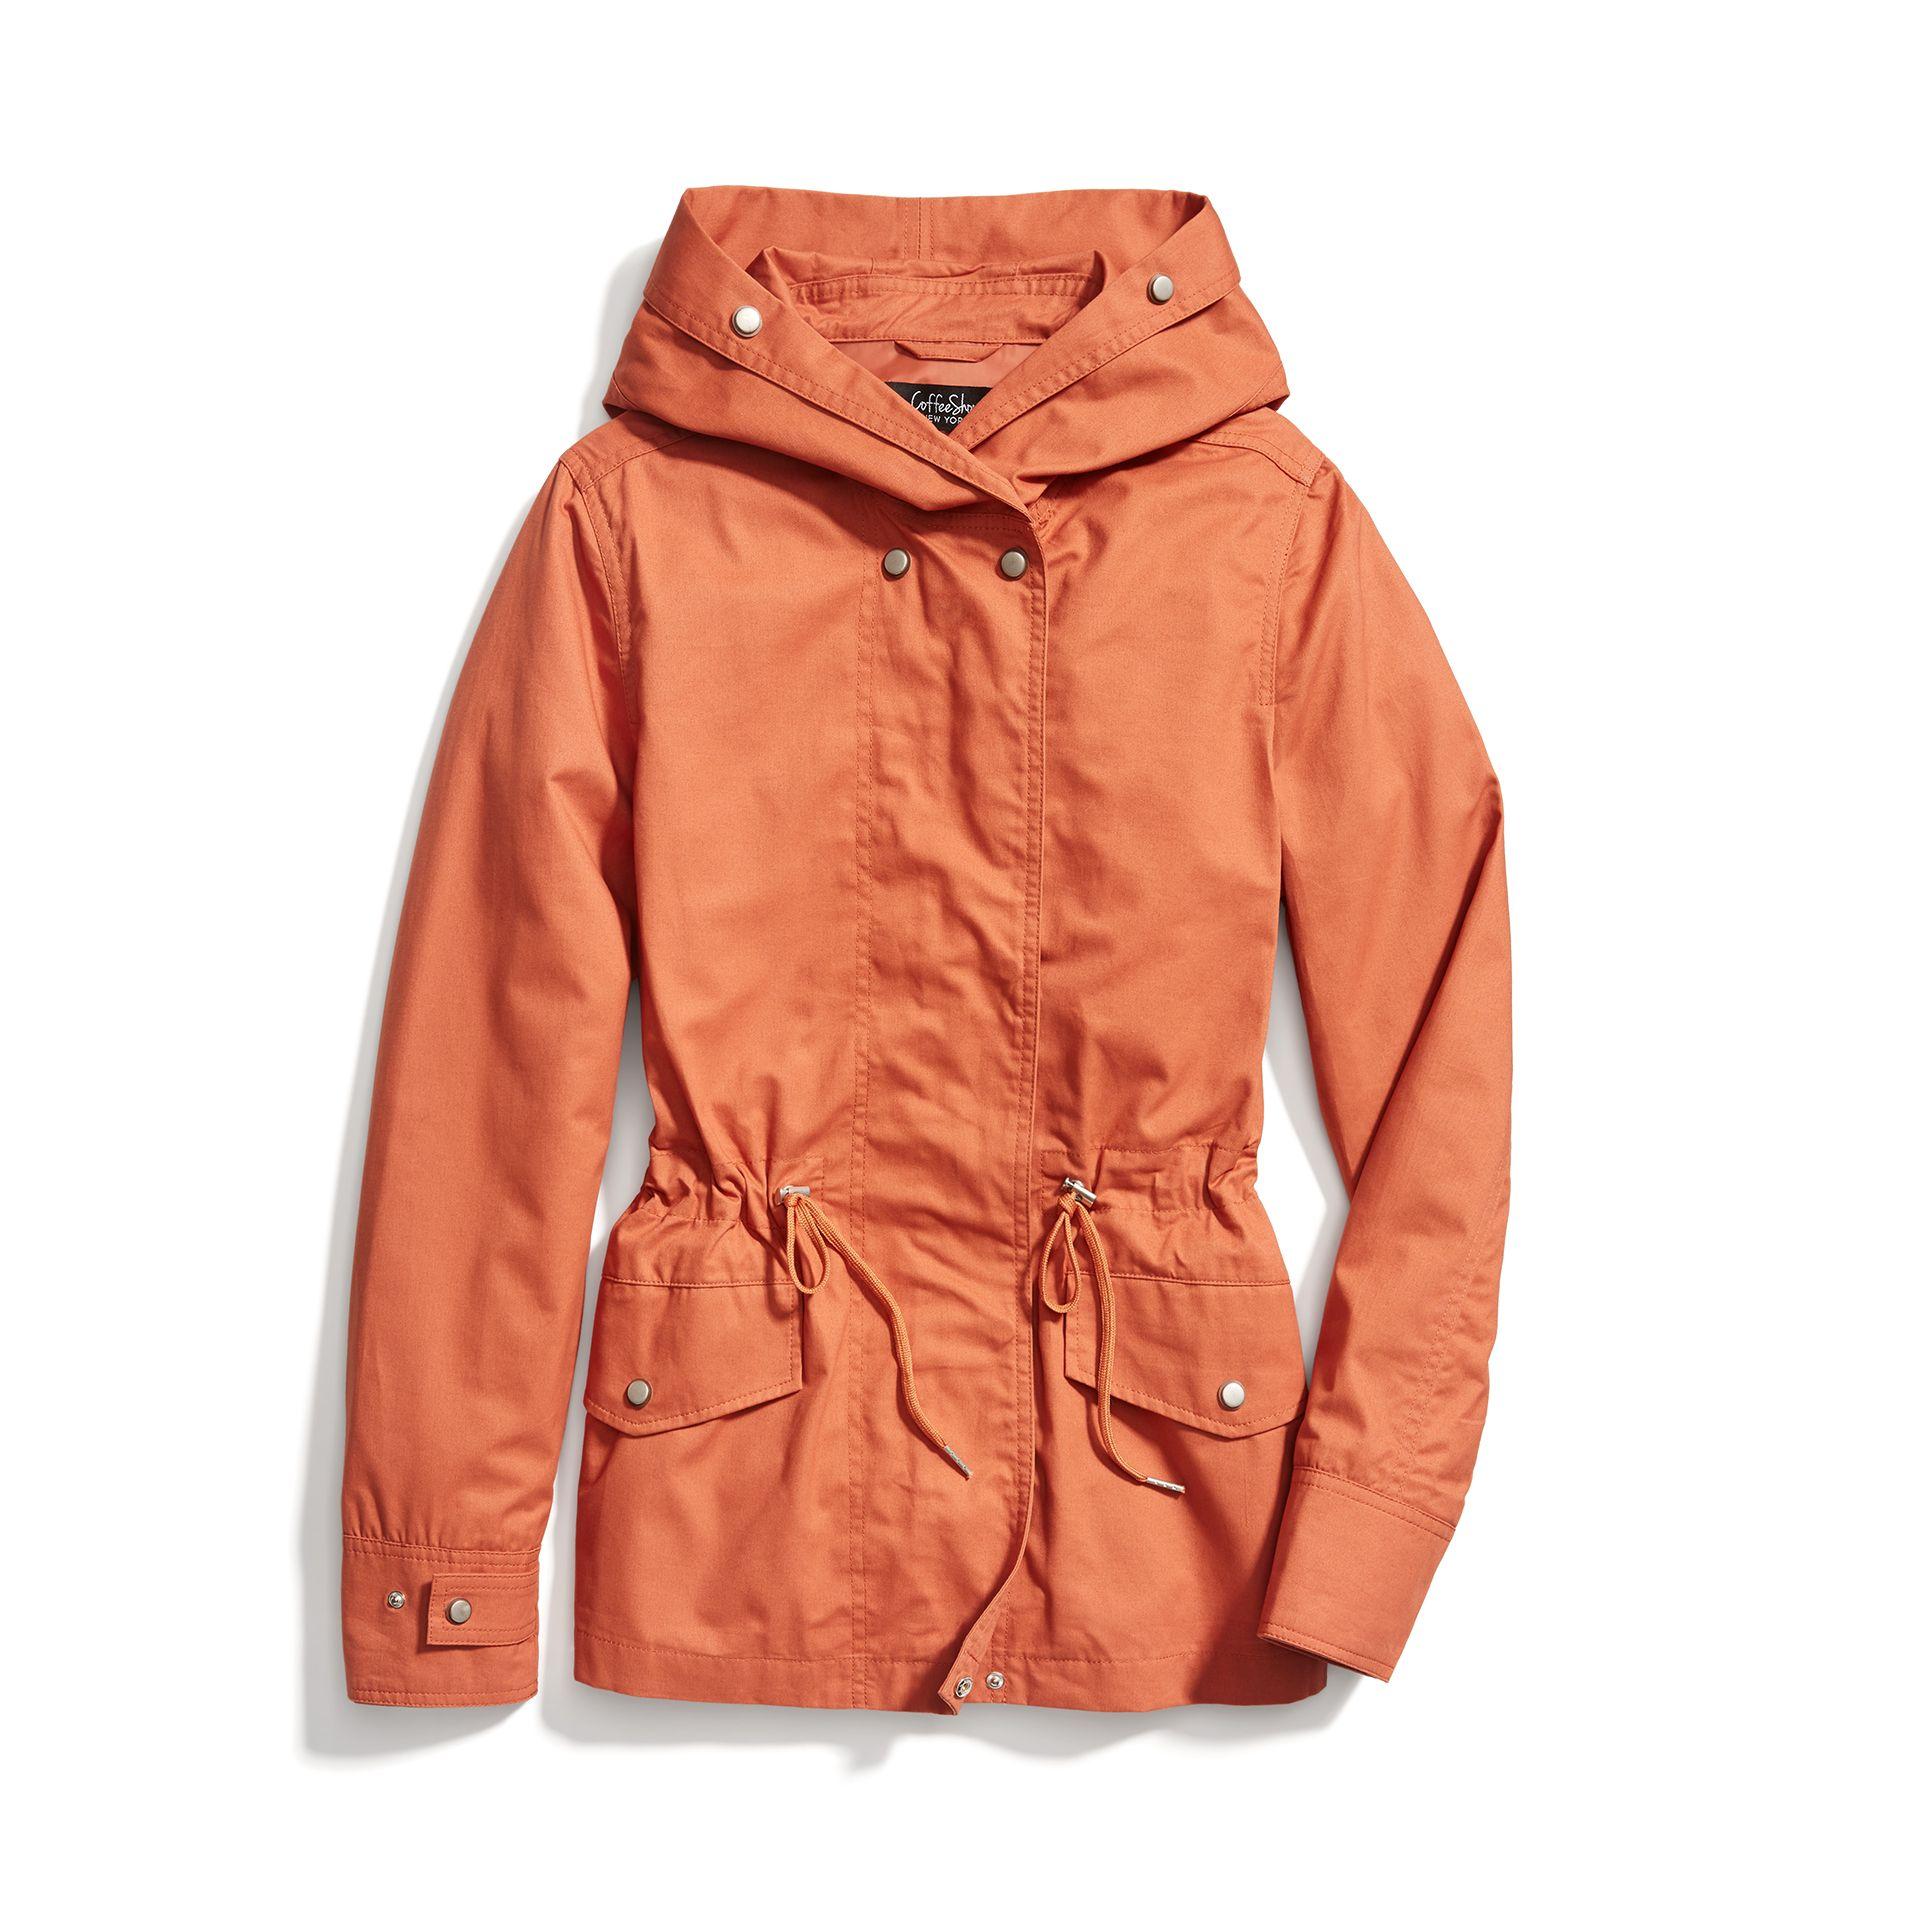 Stitch Fix Spring Outerwear Pop Color Raincoat Stitch Fix Outfits Stitch Fit Raincoats For Women [ 1920 x 1920 Pixel ]